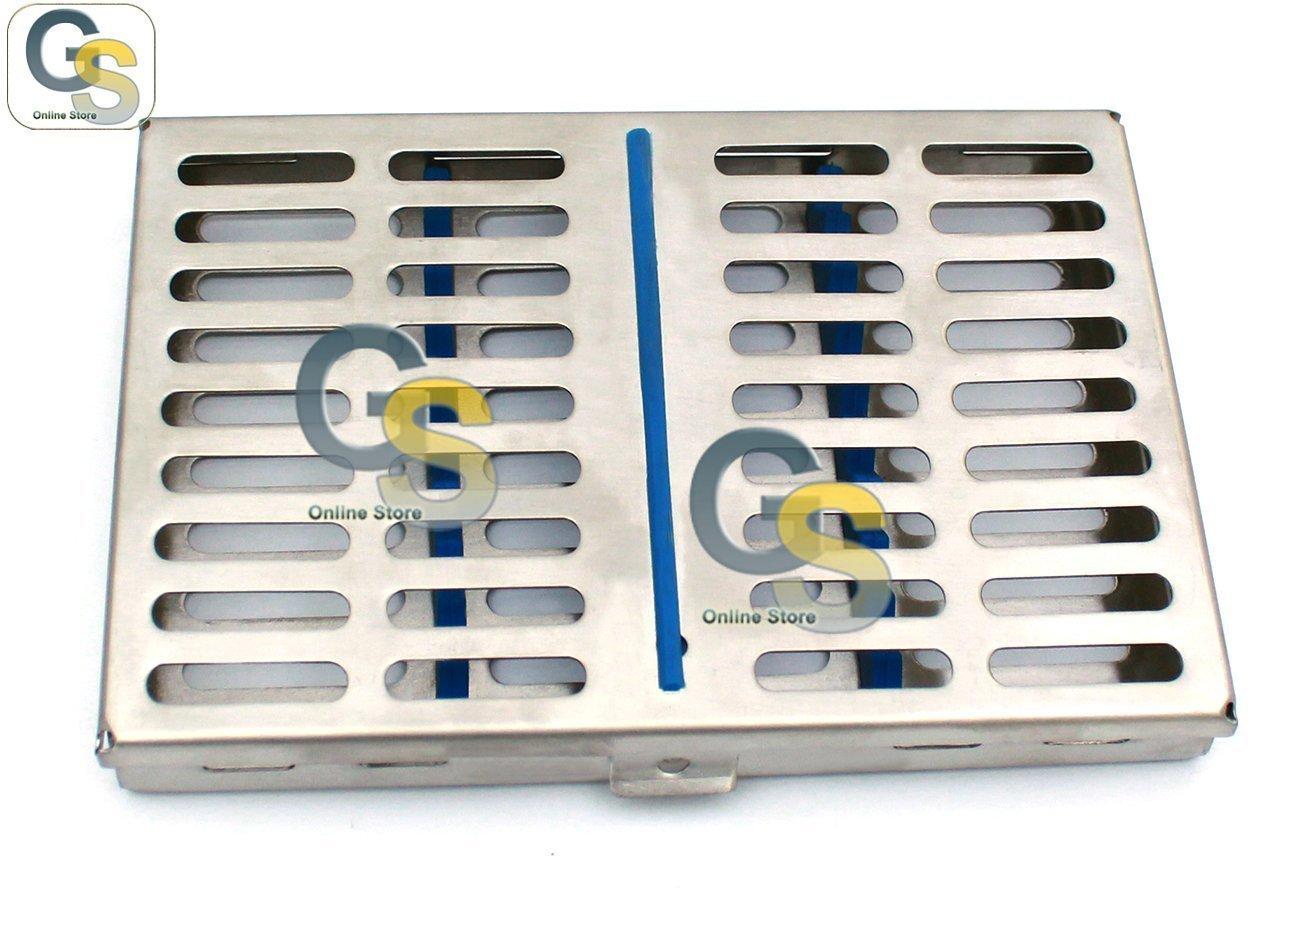 G.S 10 STERILIZATION CASSETTE RACKS BOX FOR 10 INSTRUMENTS